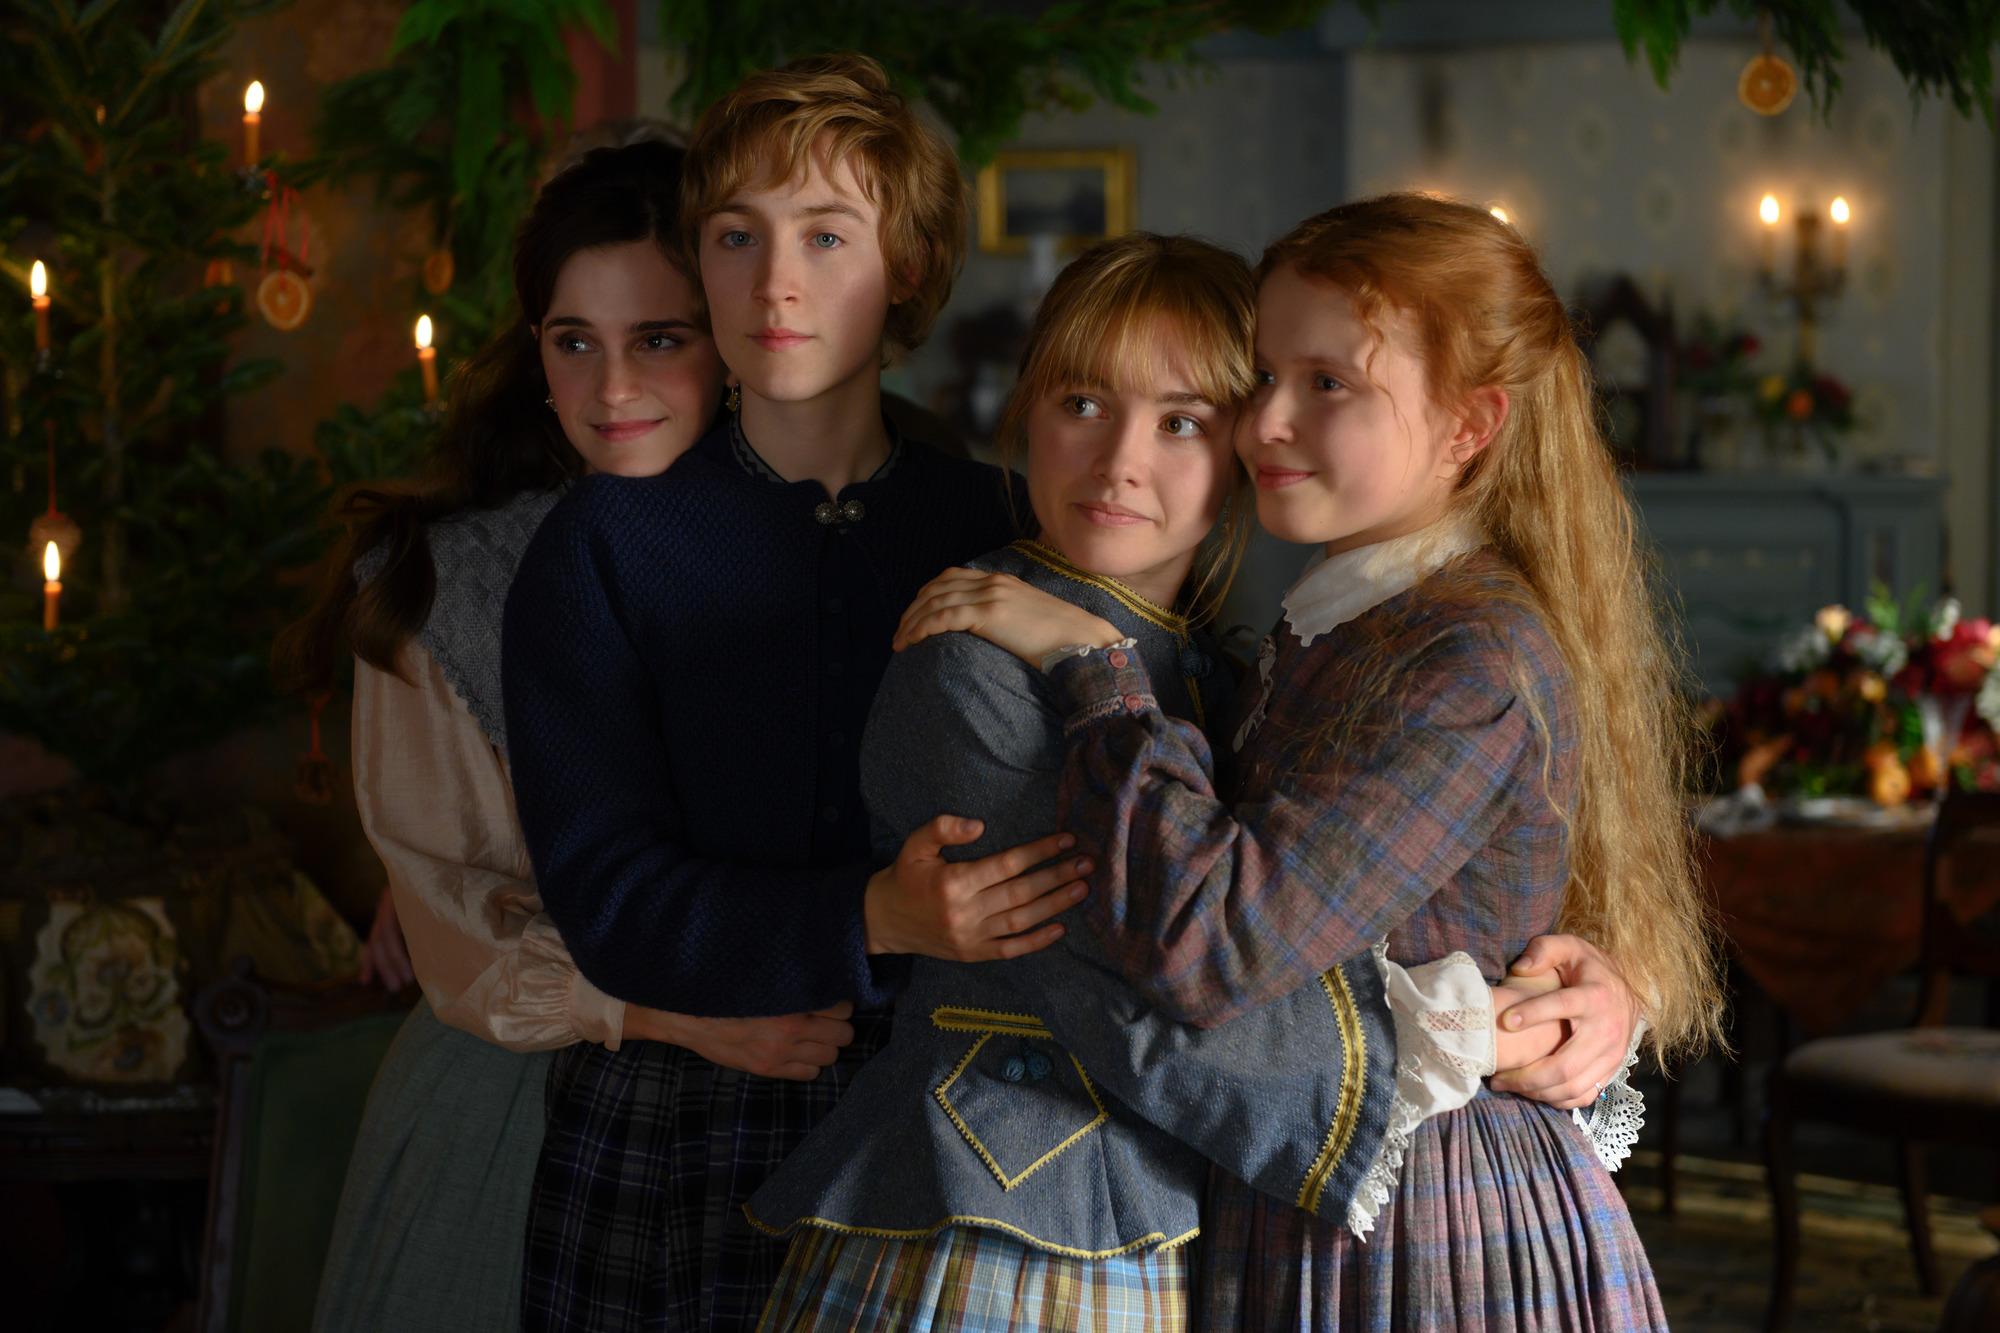 Una scena di Piccole donne il film diretto da Greta Gerwig